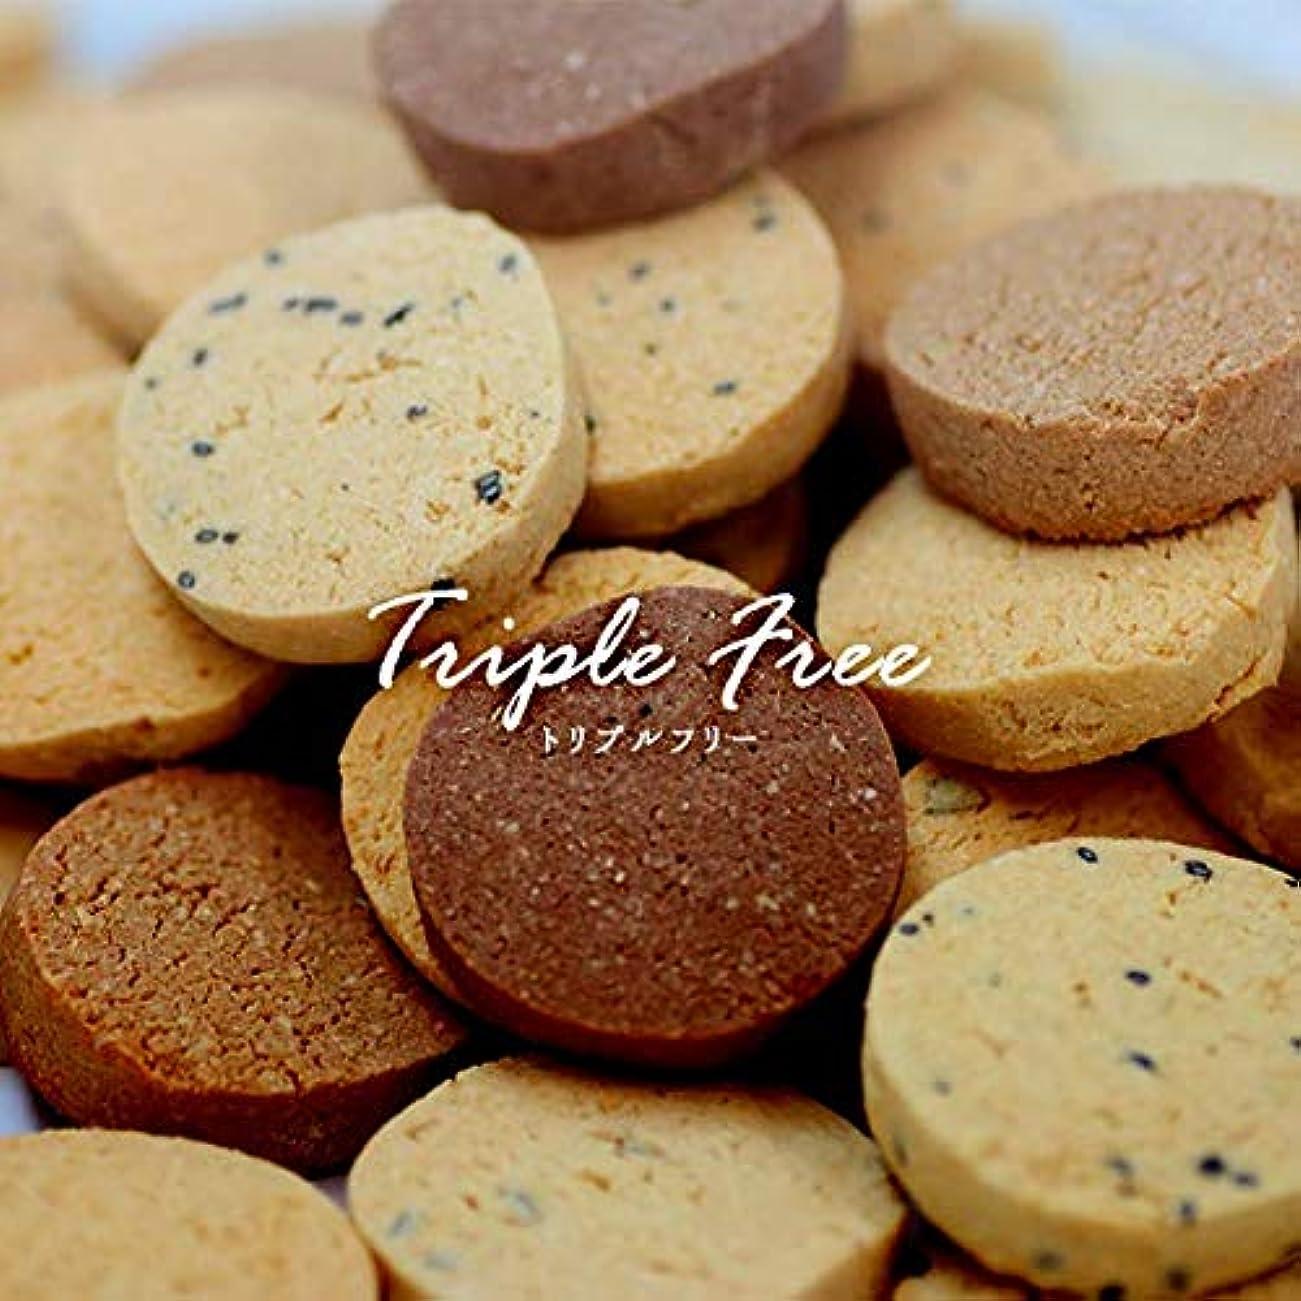 定期的本質的ではない低い新感覚!大人気5種類!Triple Free 豆乳おからクッキー 1kg(個包装)小麦粉不使用のダイエットクッキー